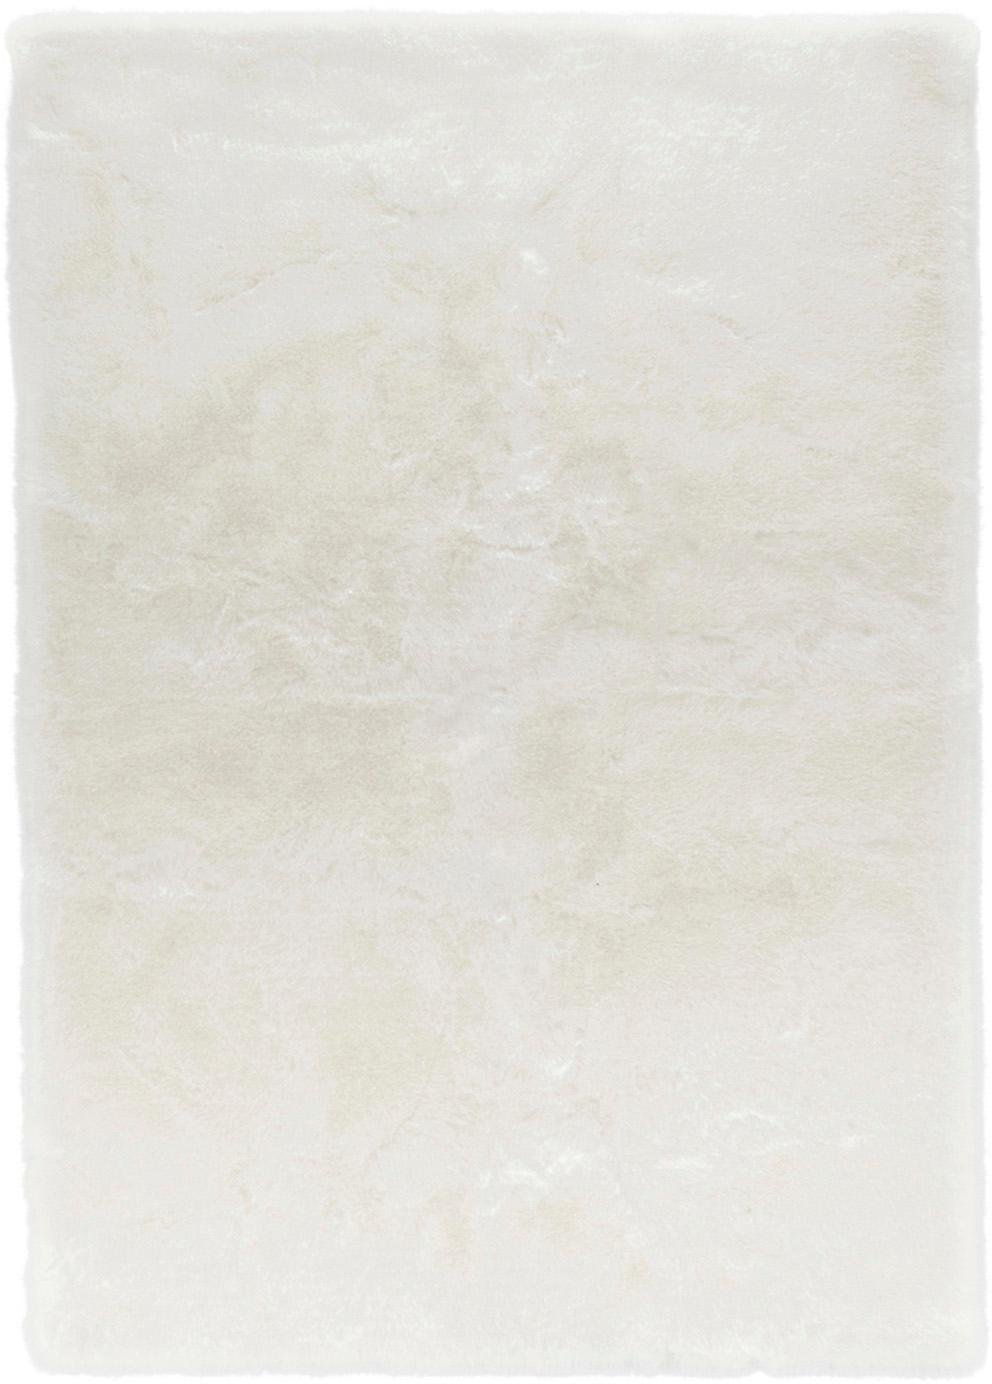 Flauschiger Hochflor-Teppich Superior aus Kunstfell, Flor: 95% Acryl, 5% Polyester, Weiss, B 120 x L 170 cm (Grösse S)